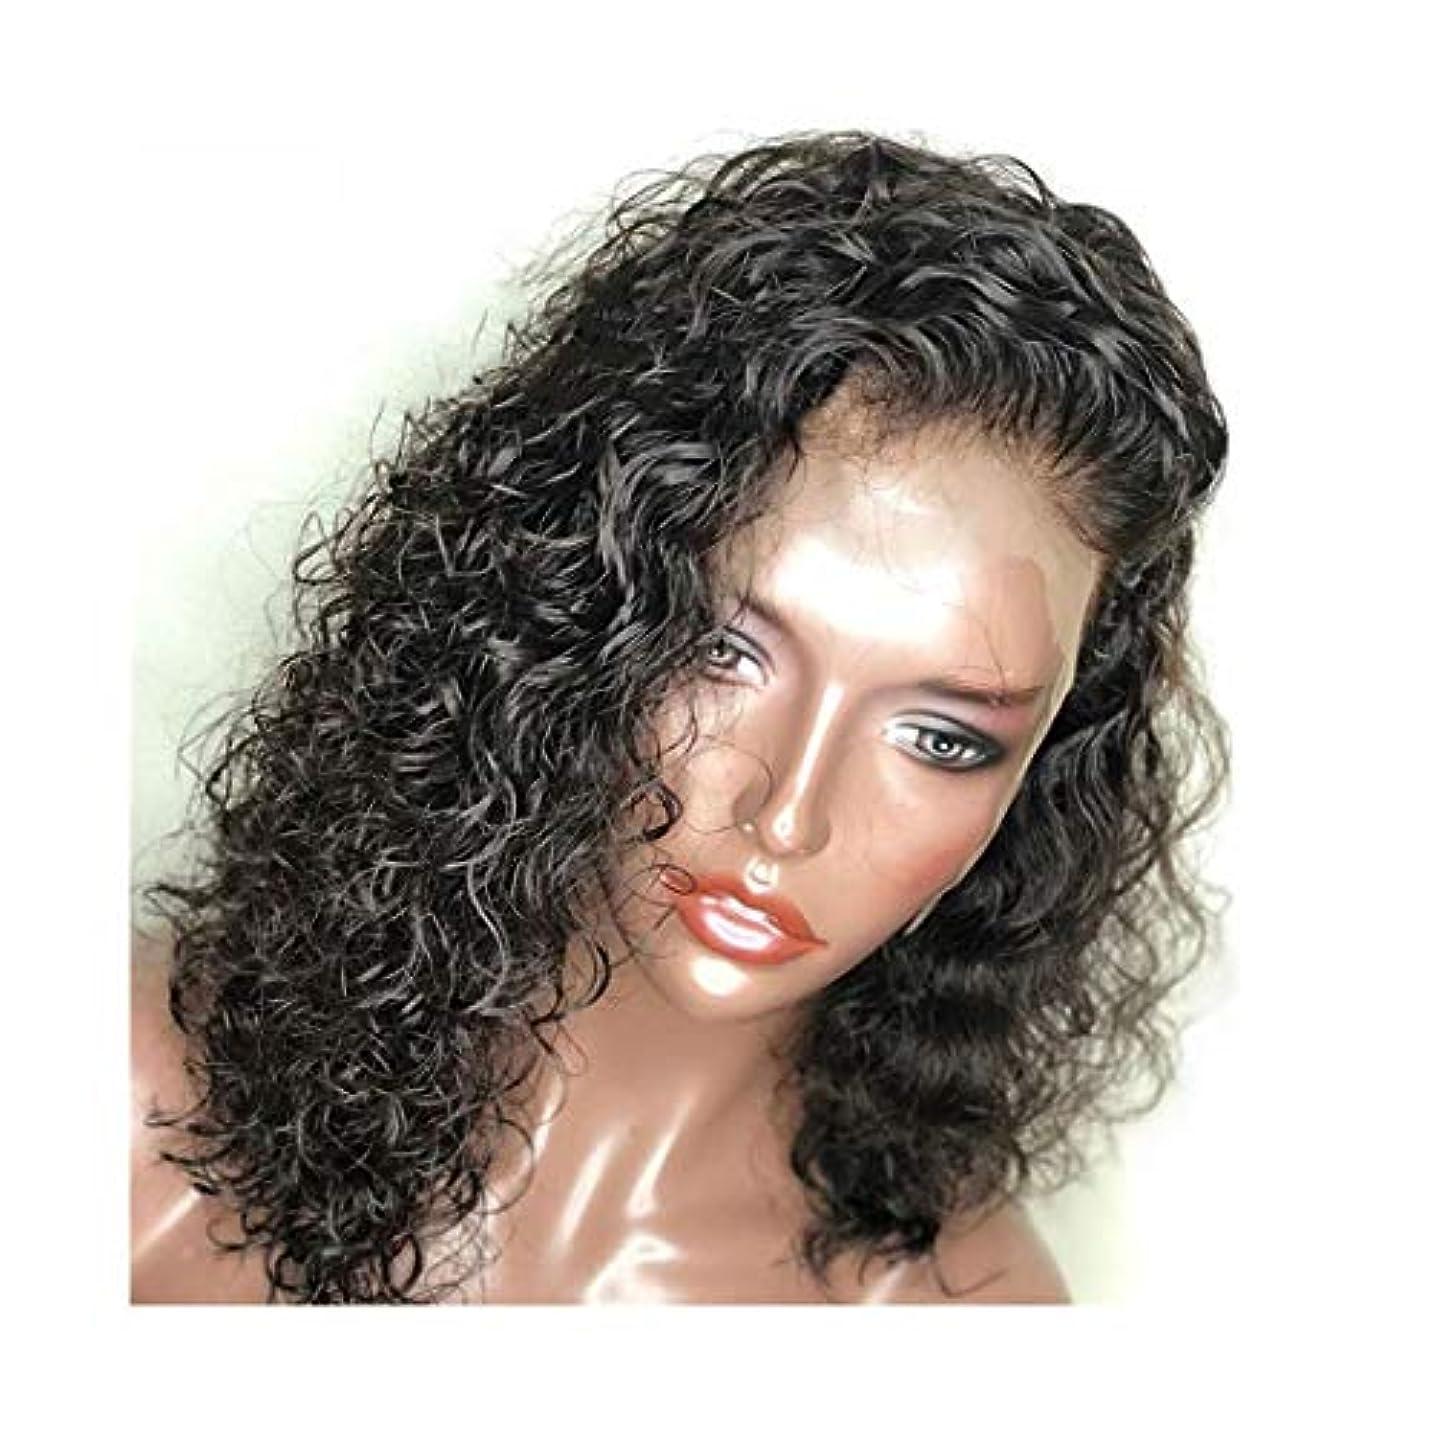 契約した植物学恥ずかしさYOUQIU 1パック黒ショートヘアウィッグ、レディースセクシーカーリーヘアフロントレースケミカルショートカーリーヘアウィッグウィッグ (色 : 写真の通り)